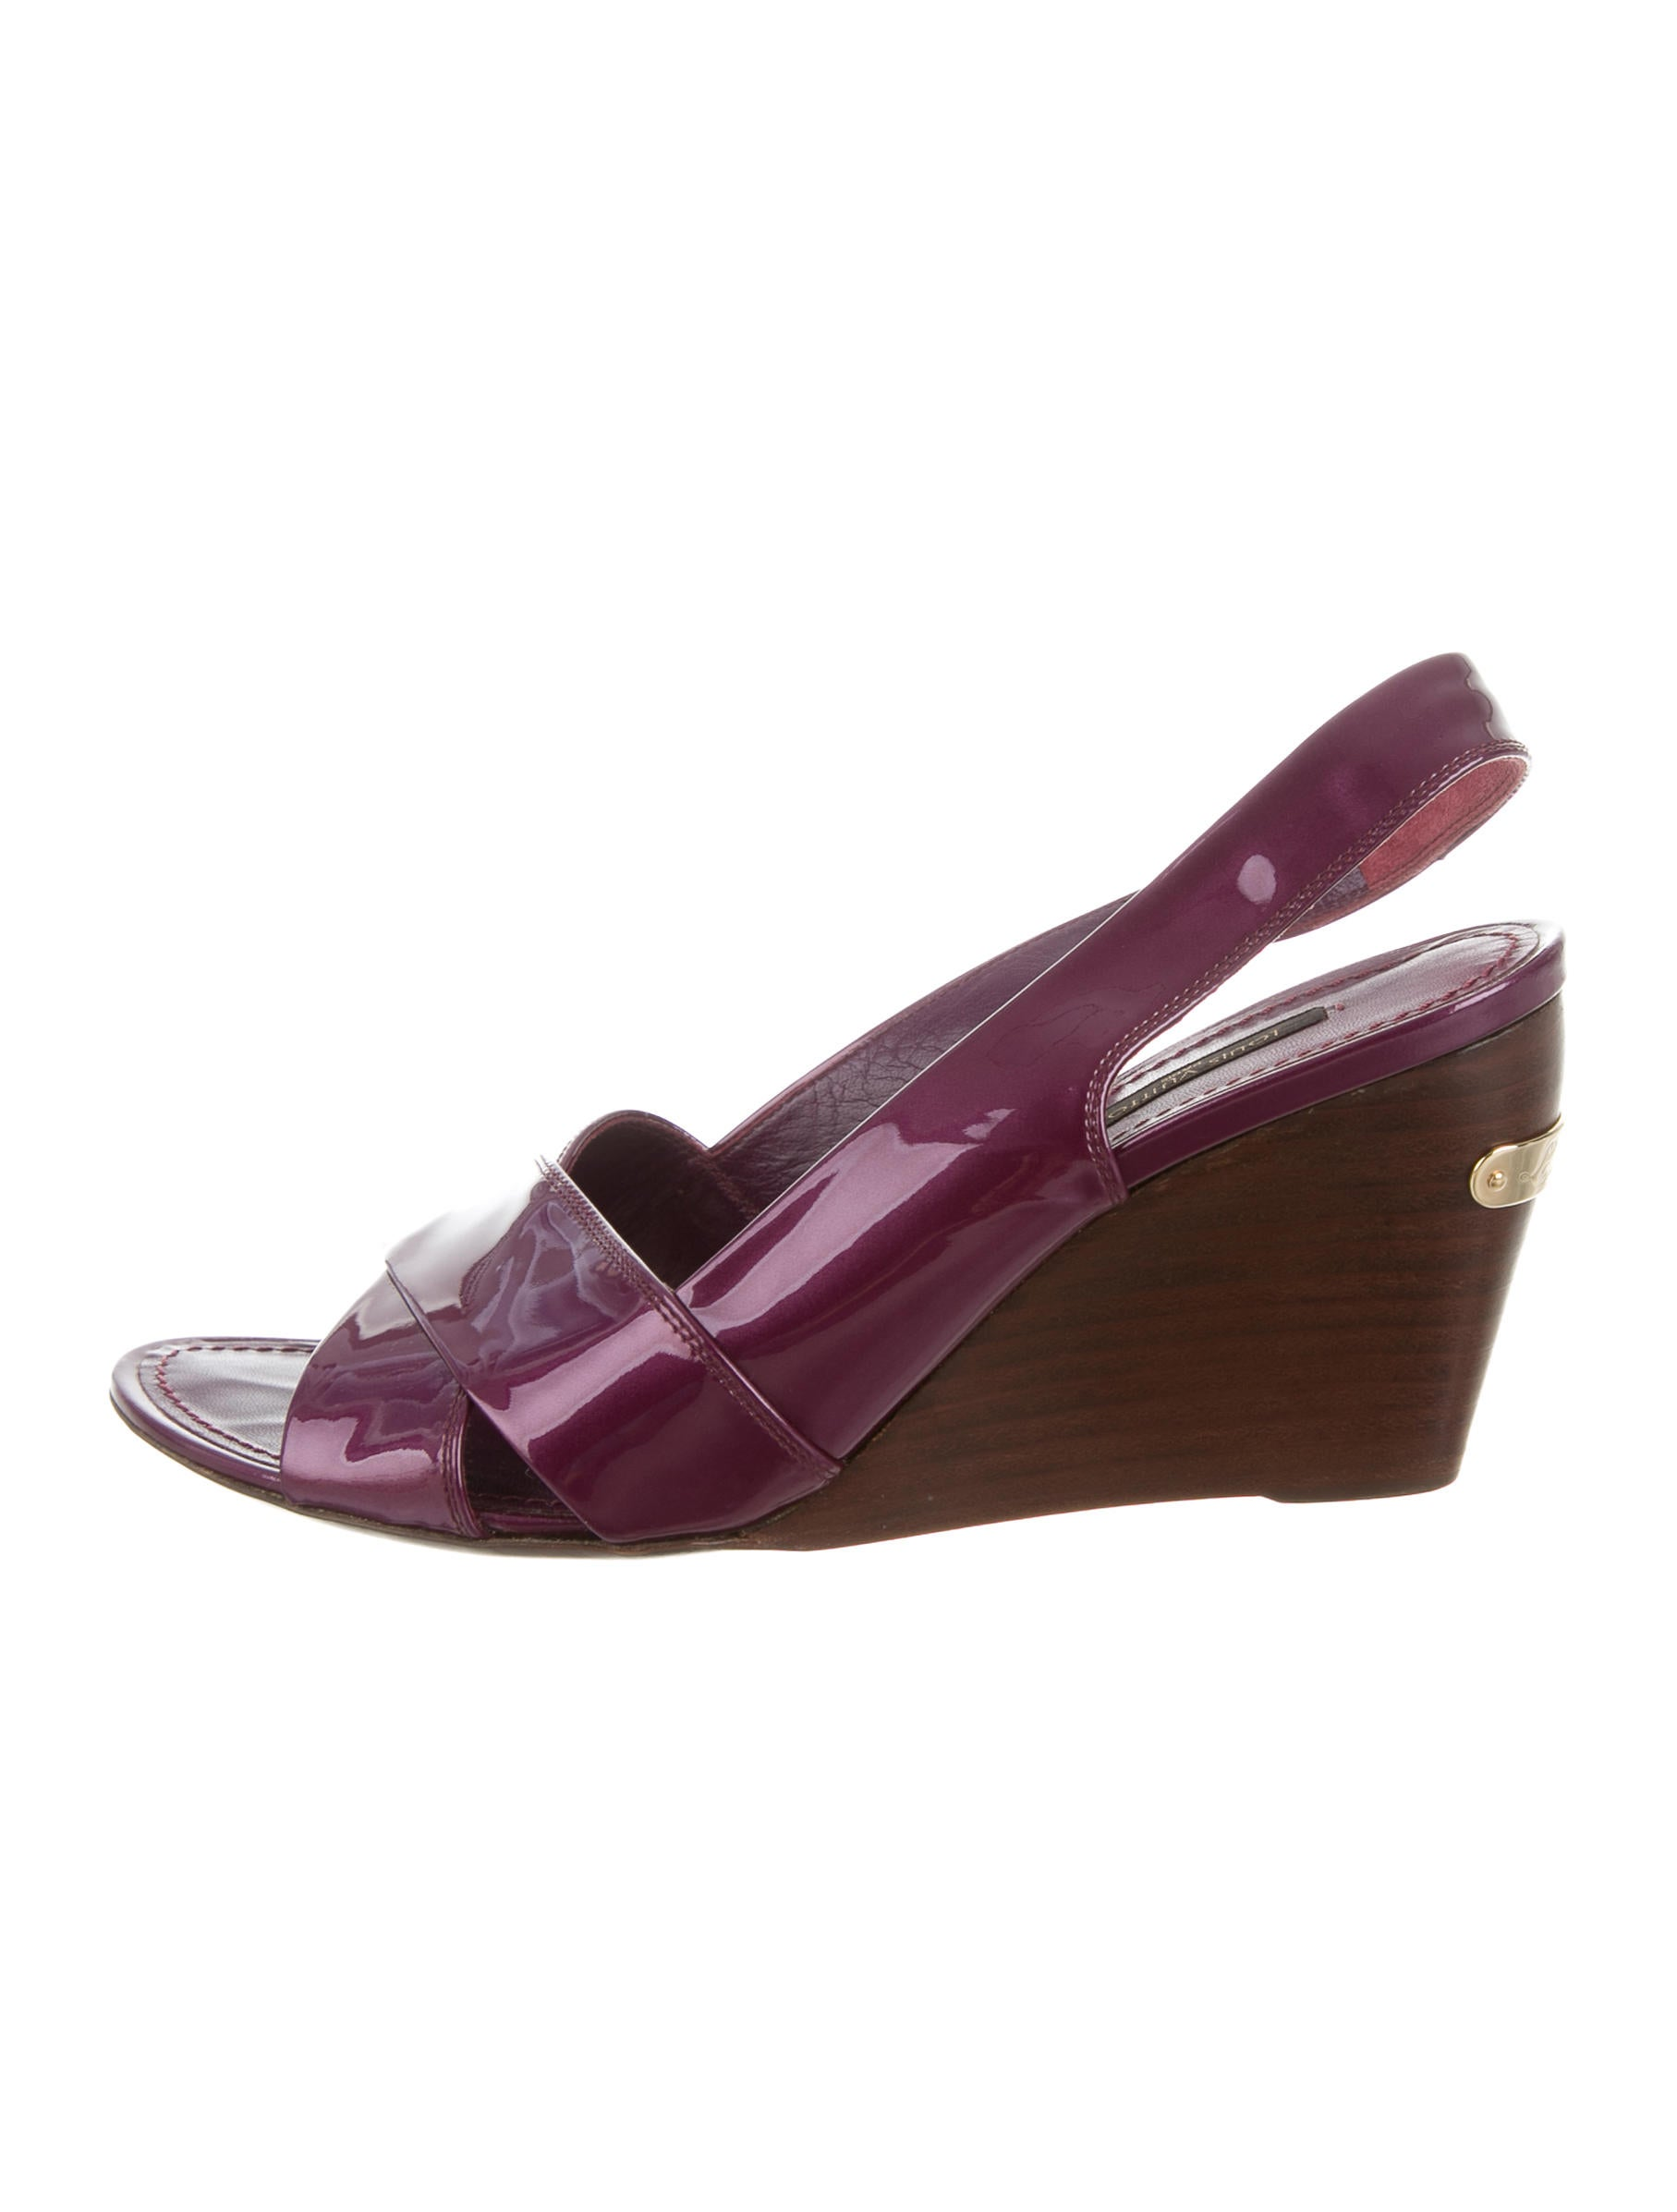 louis vuitton slingback wedge sandals shoes lou107335